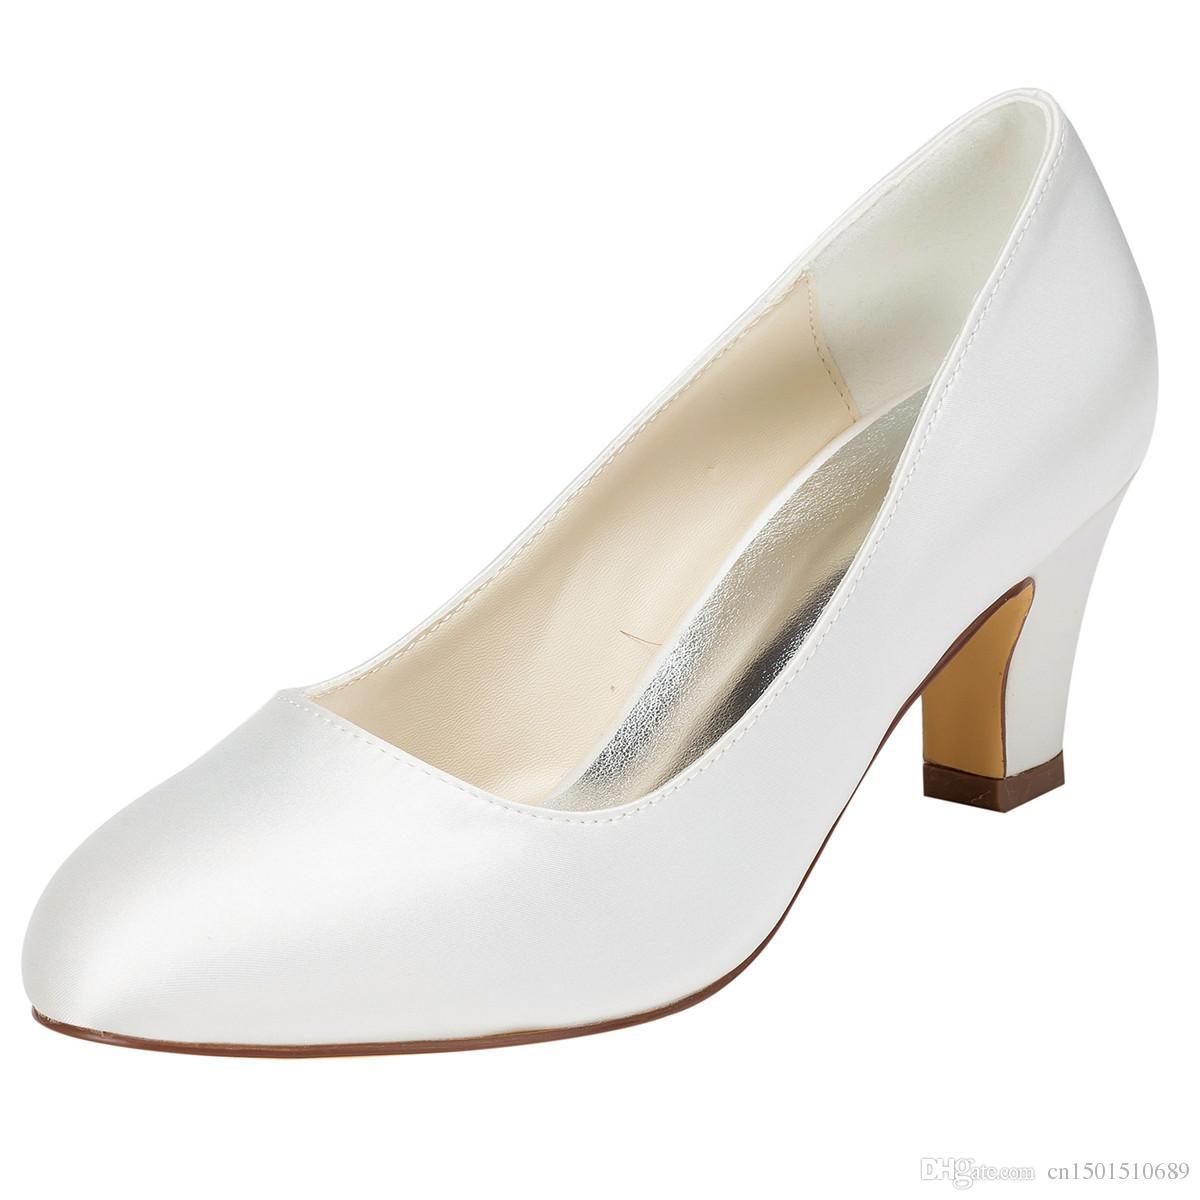 2017 New Lace Imit Silk Wedding Shoes White Bridal Bridesmaid Banquet Dress Women Pumps 6cm Multisize Us5 9 1505 1